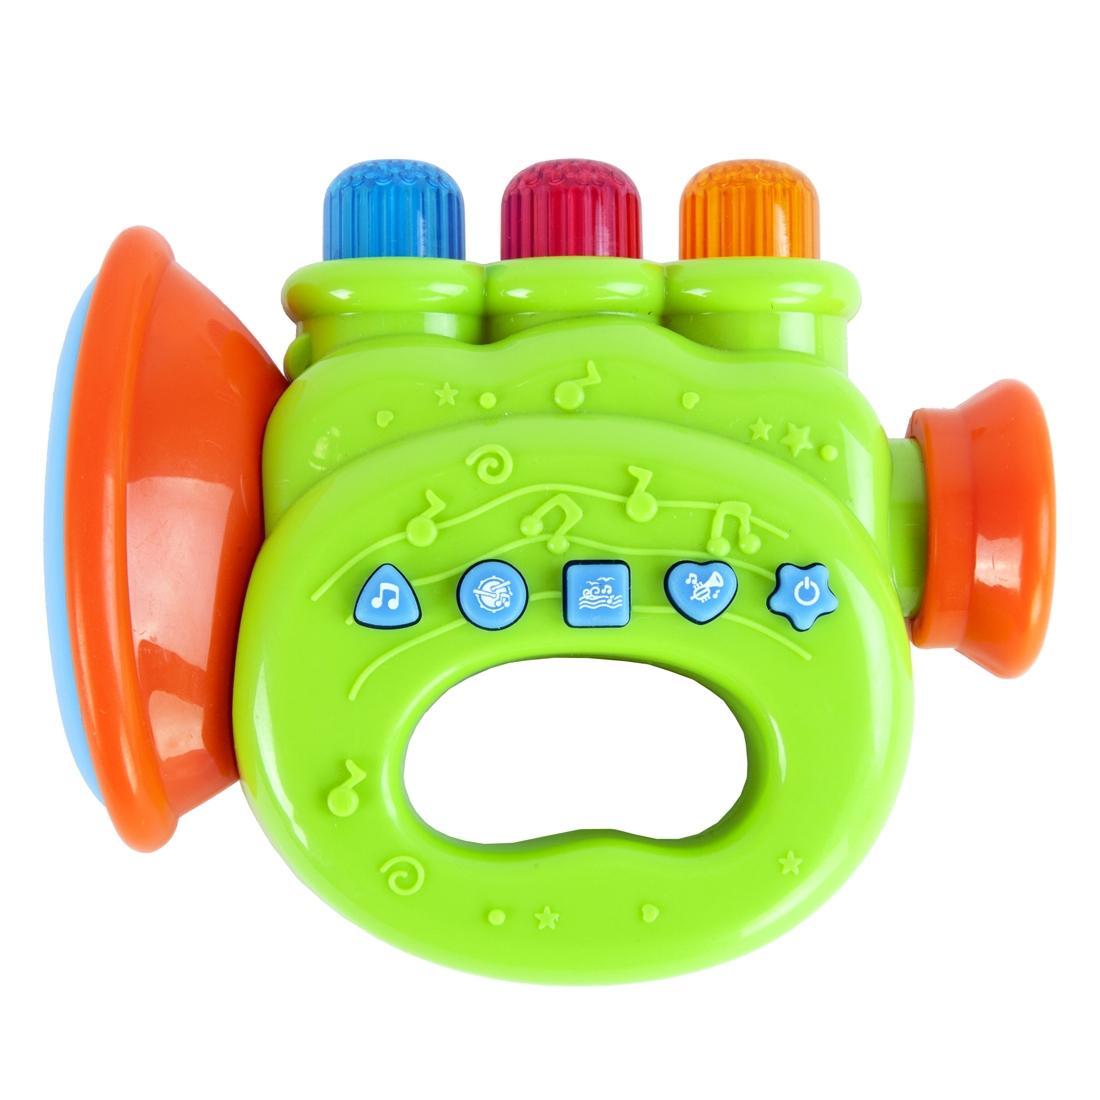 Развивающая игрушка Наша игрушка Музыкальная труба